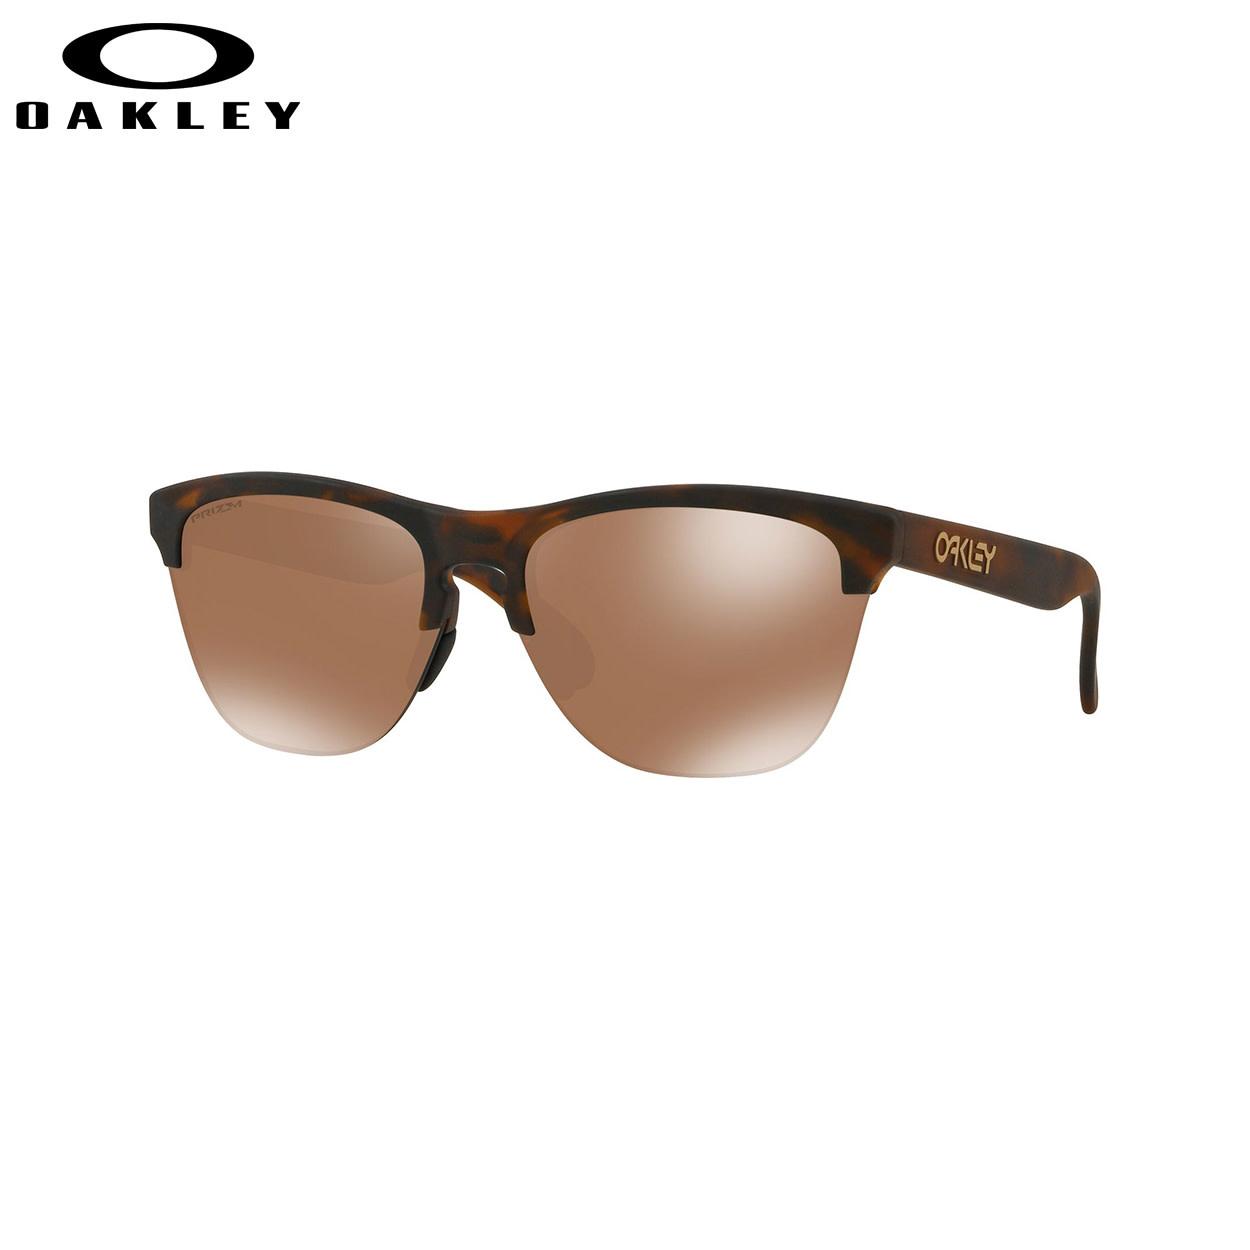 Oakley Oakley Frogskins Like Matte Brown Tortoise w/ Prizm Tungsten Sunglasses